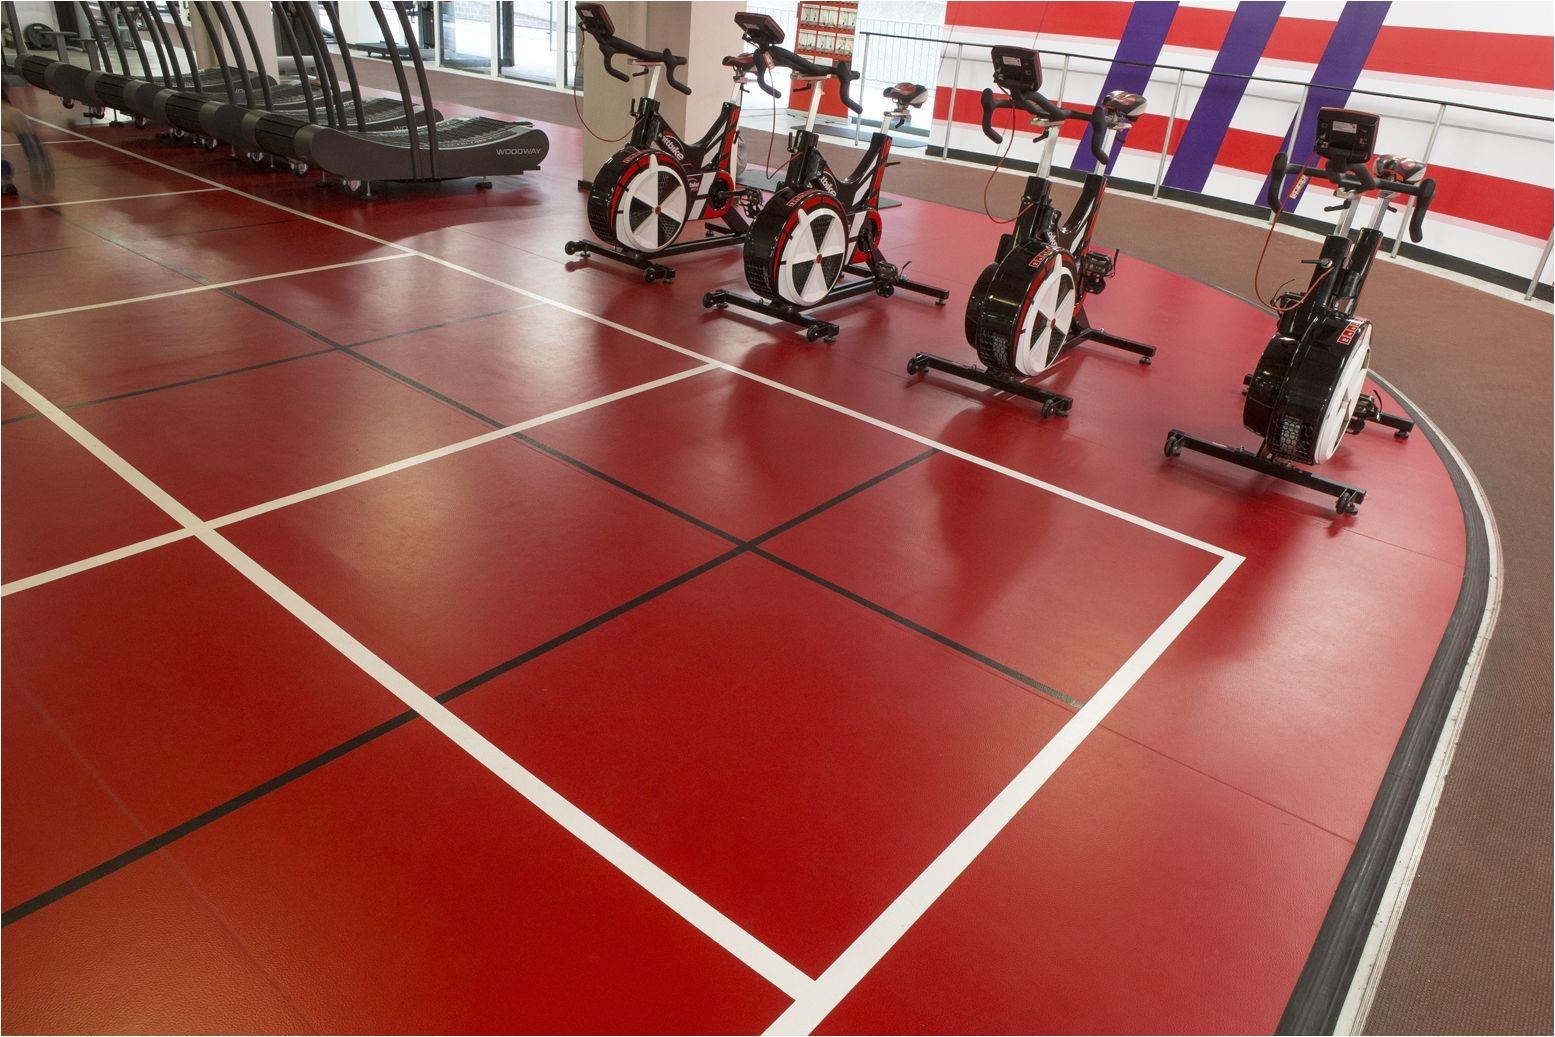 Taraflex Flooring Tarai Exa Sport M Evolution Product Offering P1 Shock Absorbency 25